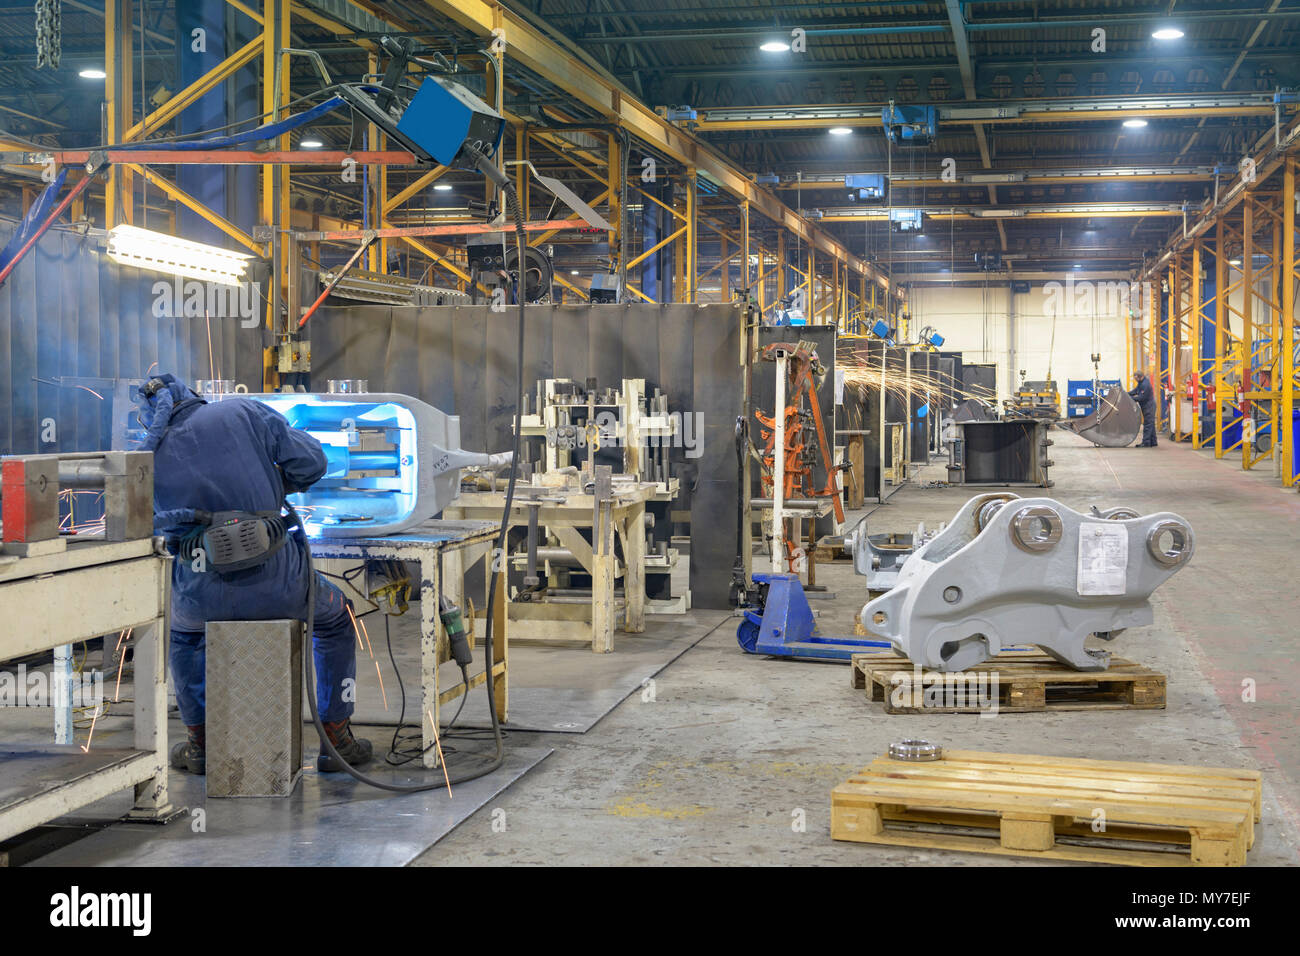 Vue grand angle de l'ingénierie factory avec en premier plan de travail soudeur Photo Stock